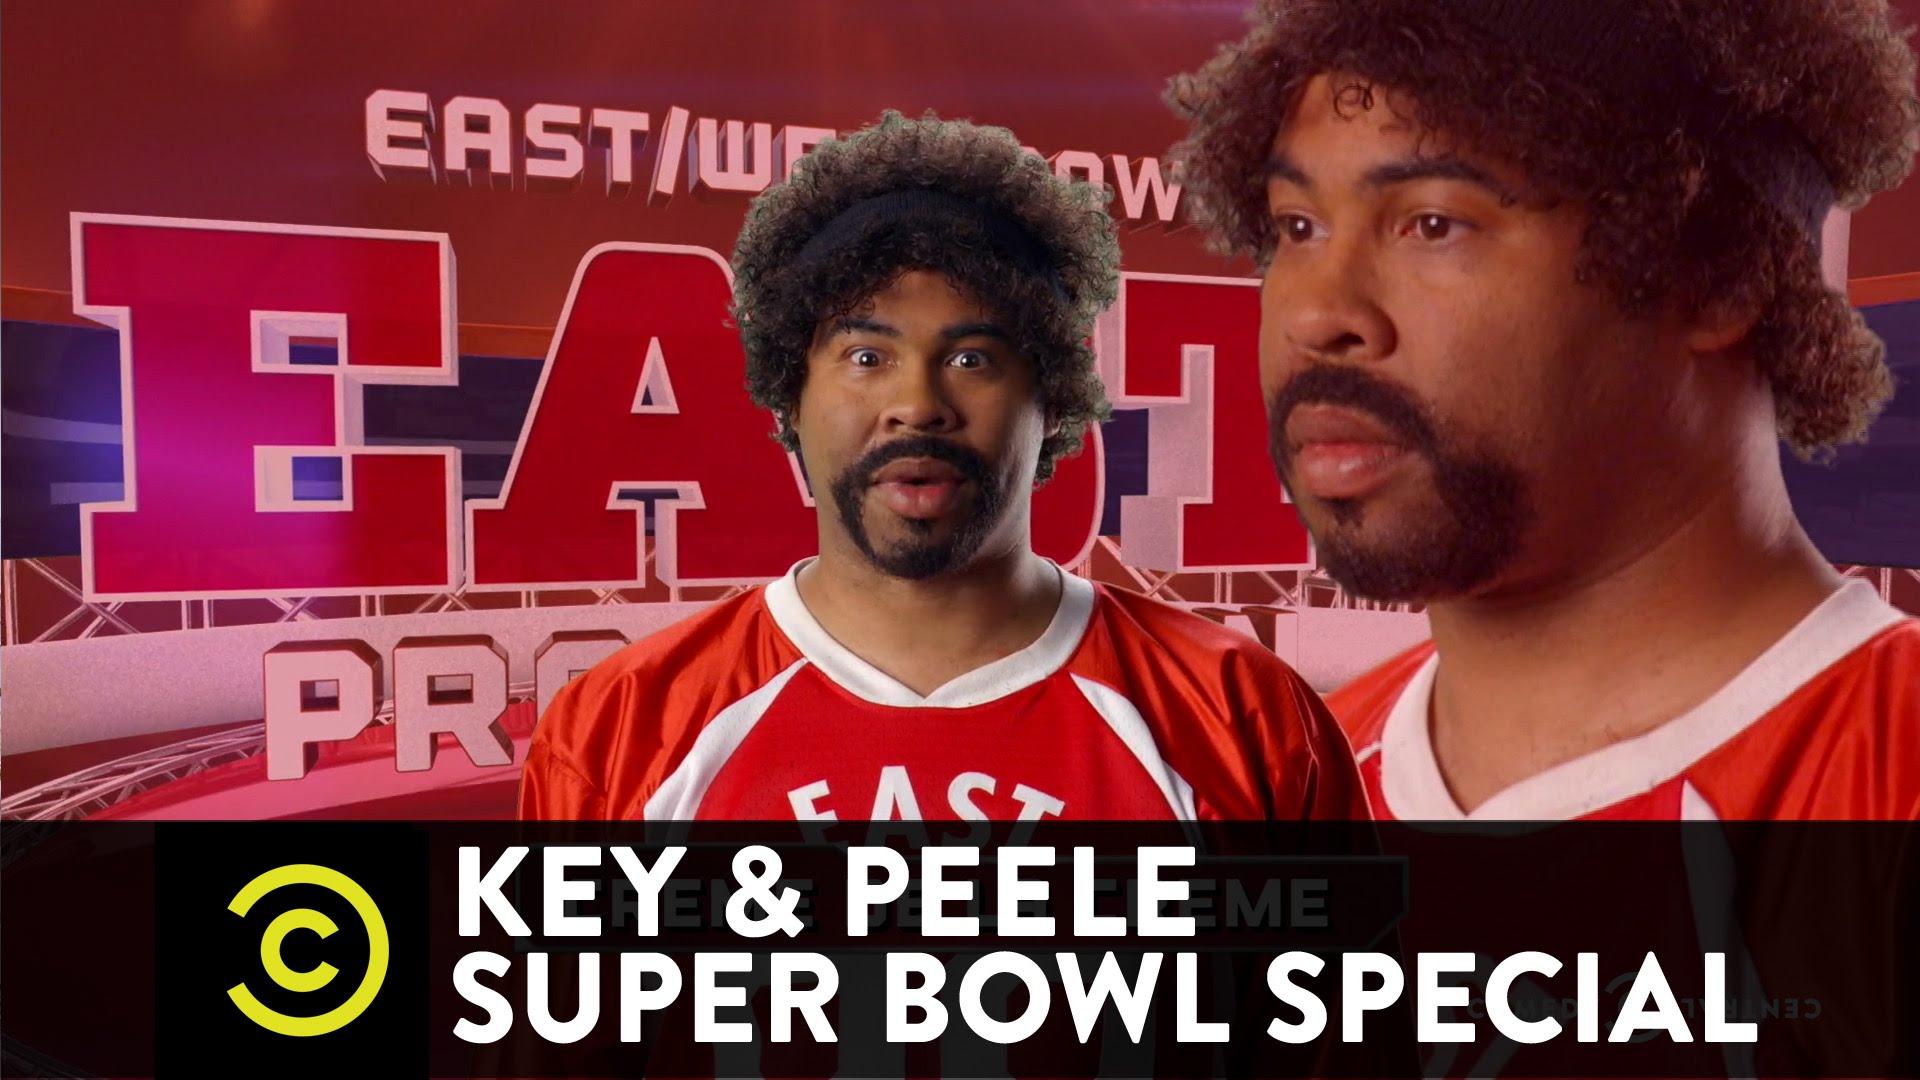 Key & Peele – East/West Bowl 3